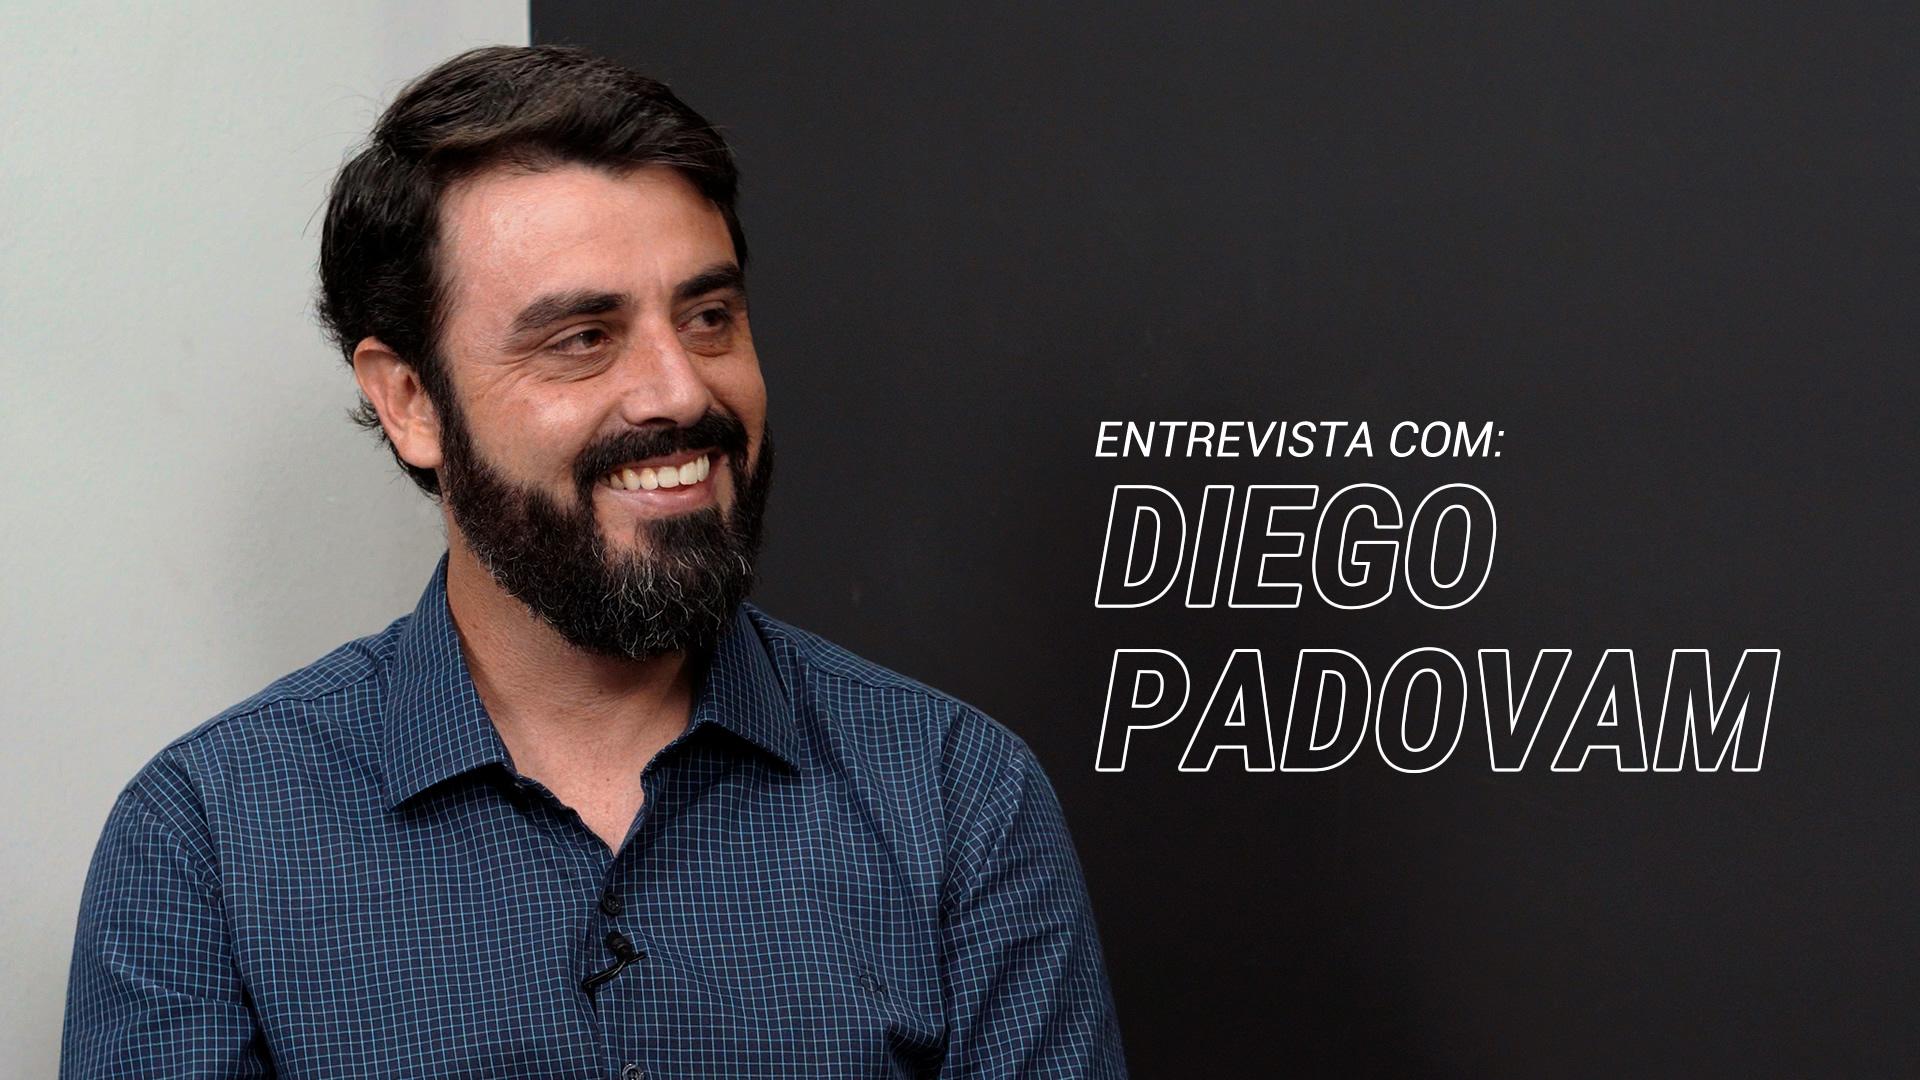 Diego padovan